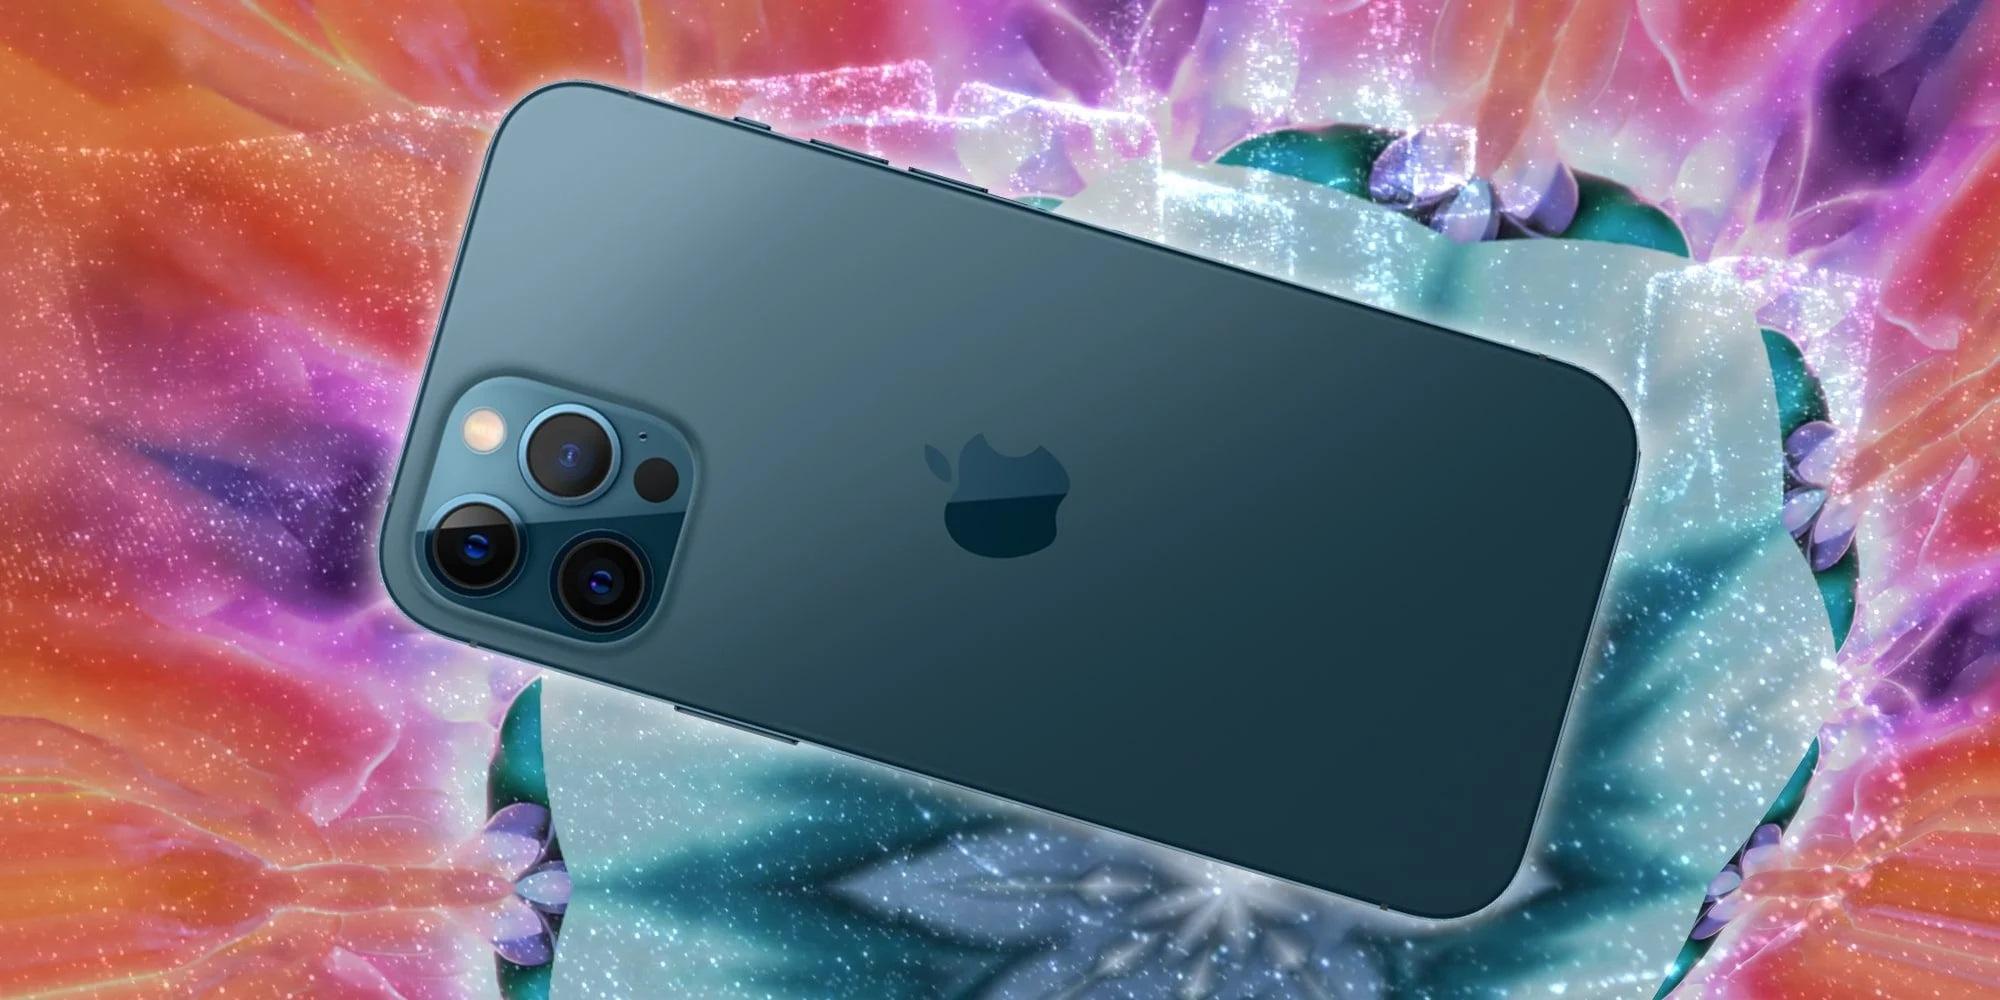 Apple iPhone 12 Pro Max: alternativa più grande e costosa